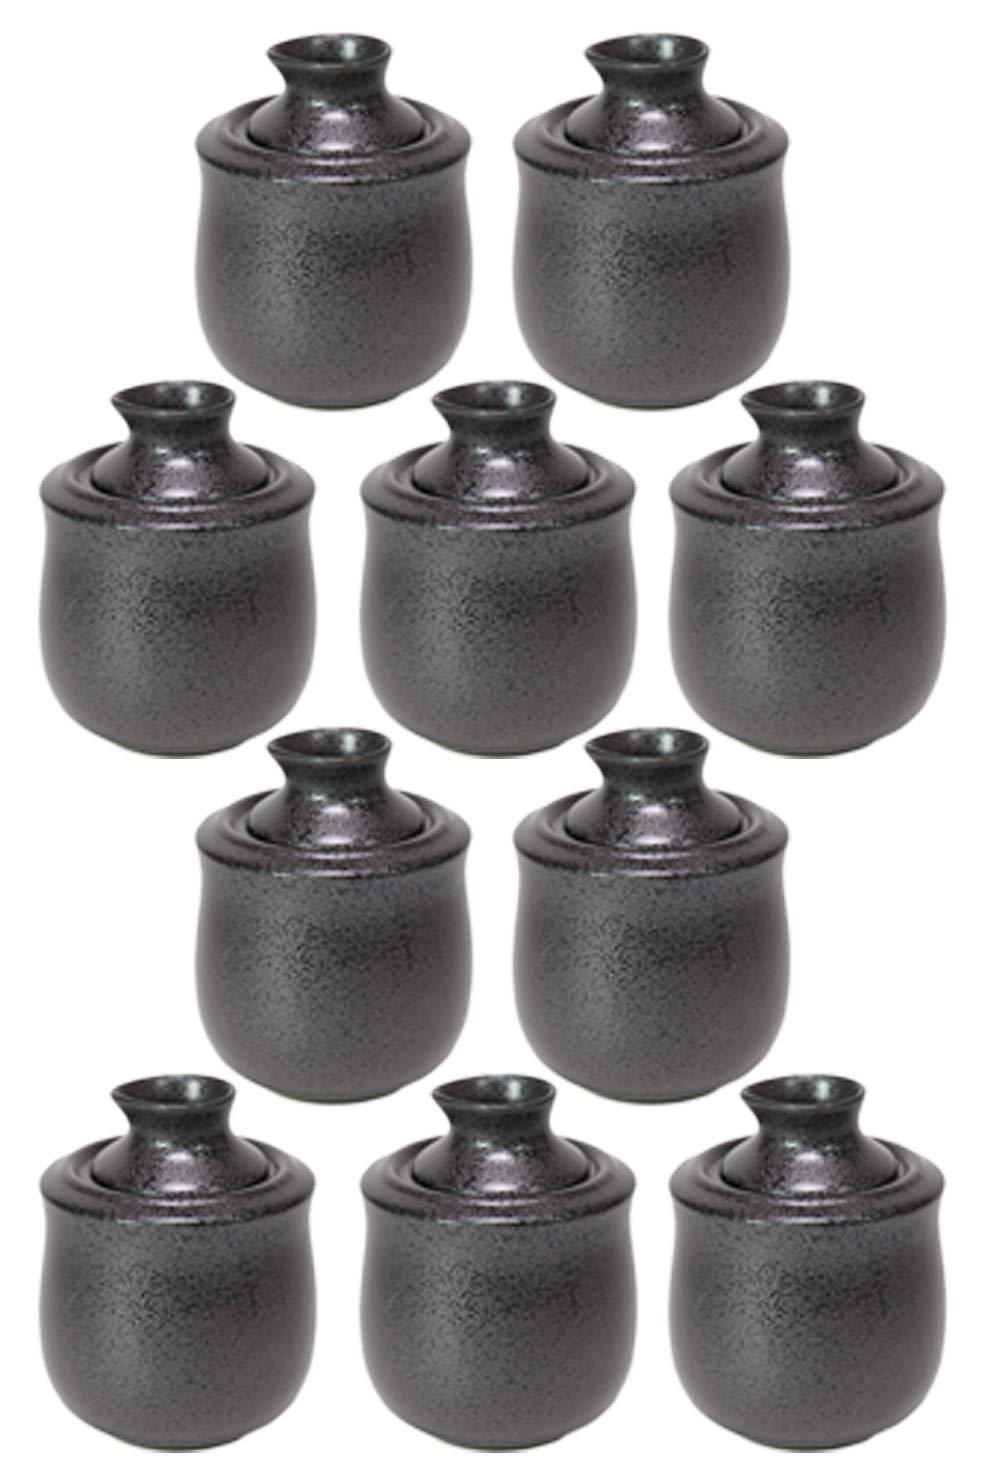 10個セット 黒結晶酒燗器 (小) [ 10 x 12cm (150cc) 395g ] 【 酒器 】 【 割烹 居酒屋 和食器 飲食店 業務用 】 B07DCM5VR3